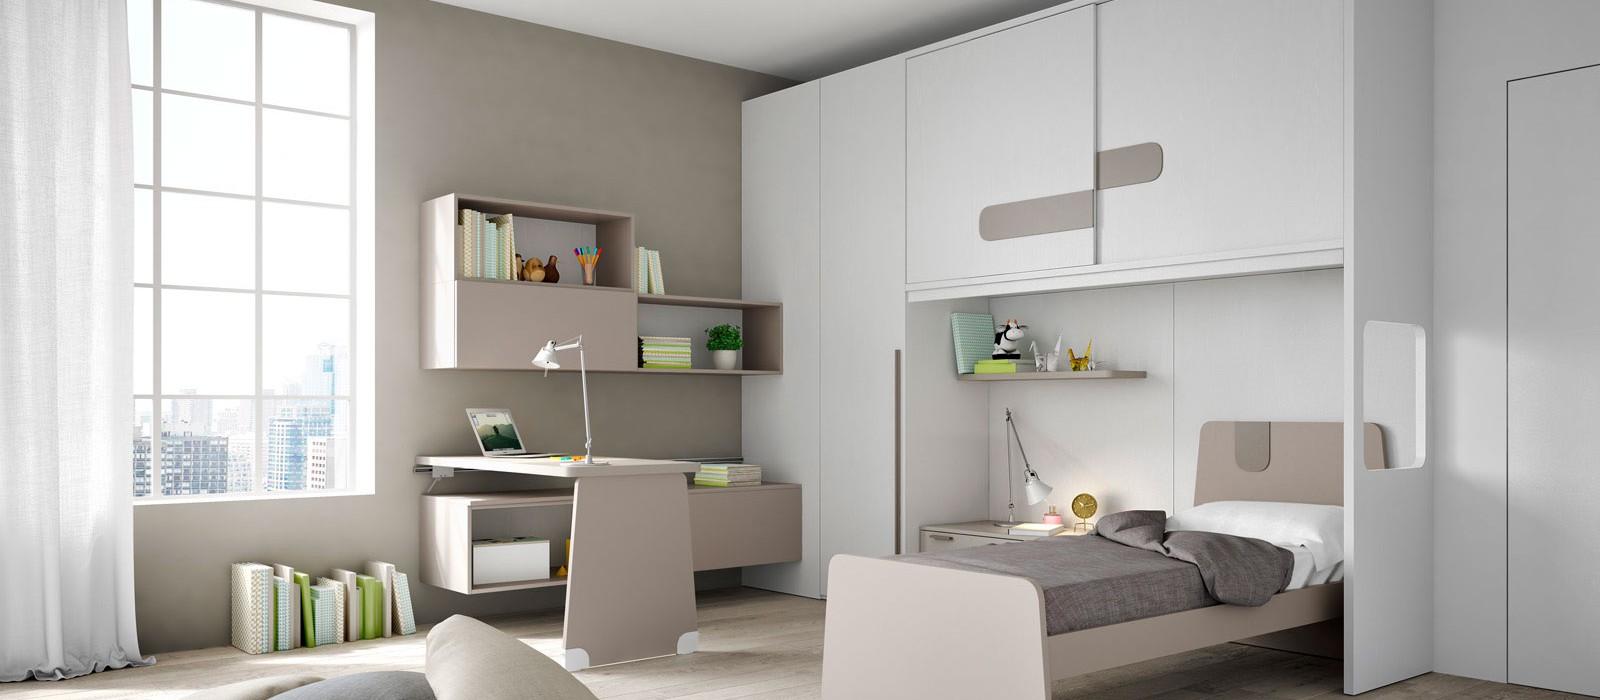 Cucine Ricci Casa Opinioni - Idee per la decorazione di interni ...